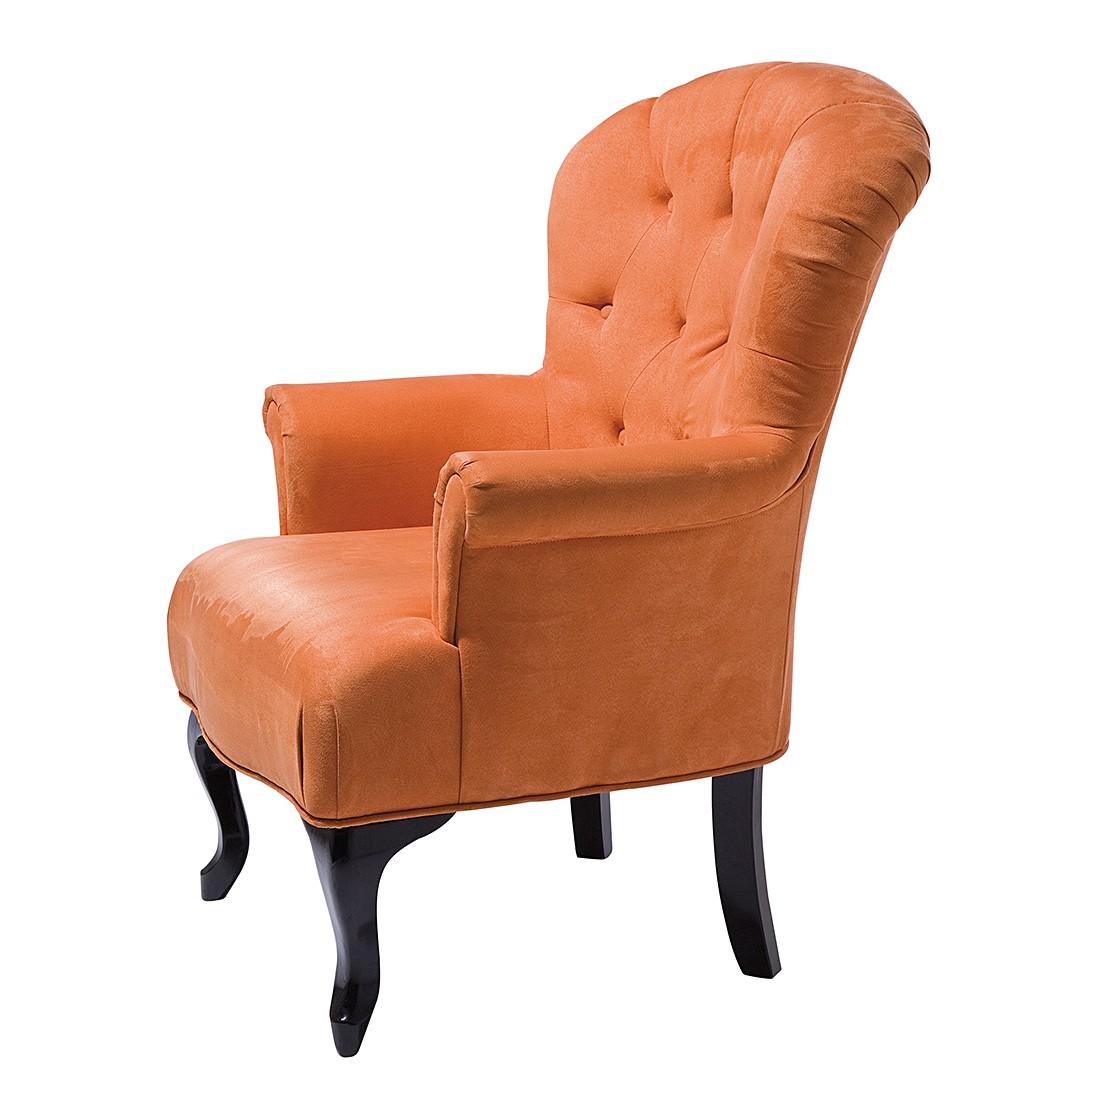 designer sessel g nstig kaufen. Black Bedroom Furniture Sets. Home Design Ideas